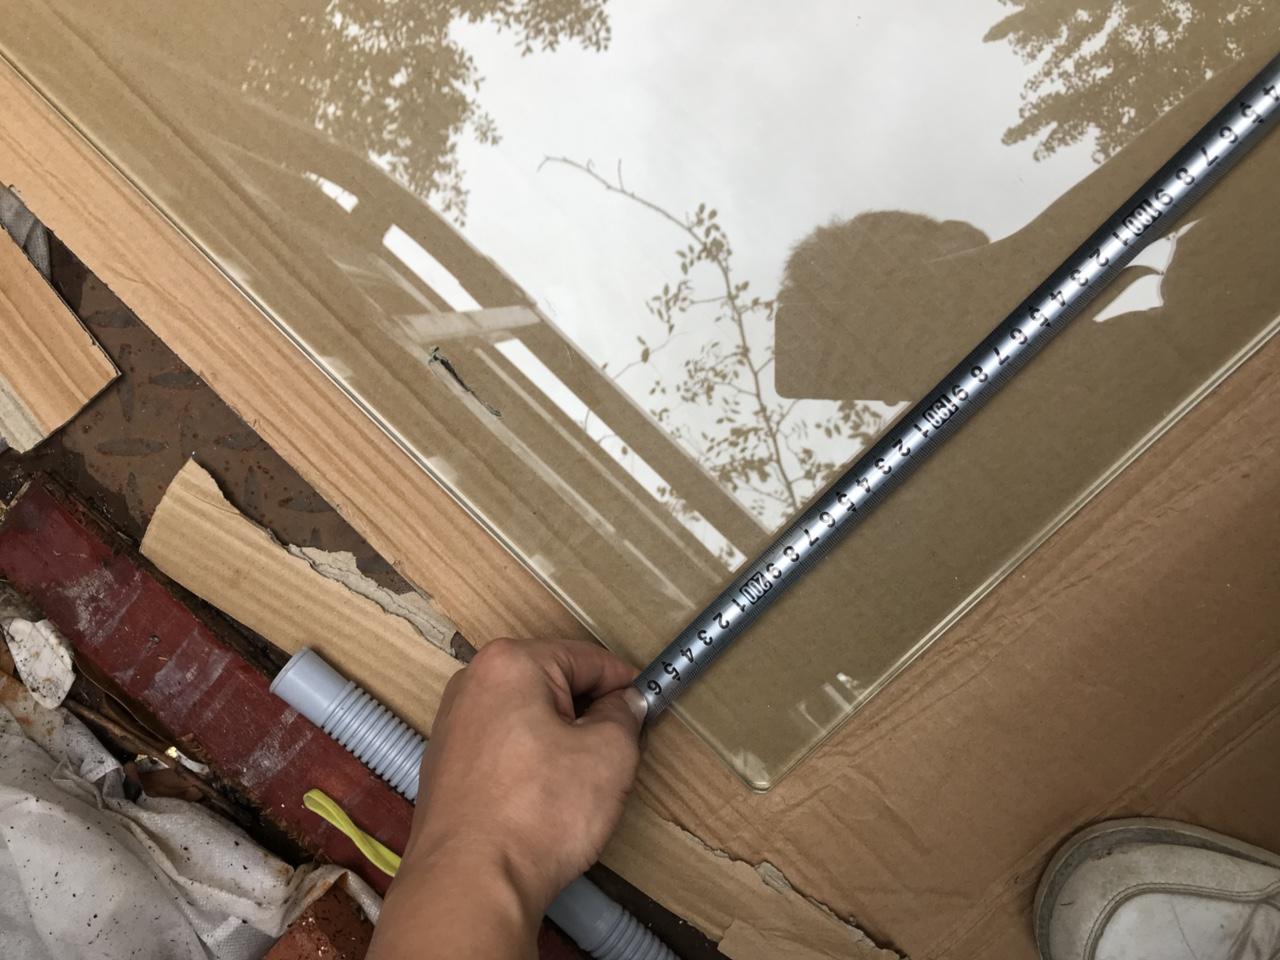 鋼化玻璃206長70寬1厘米左右